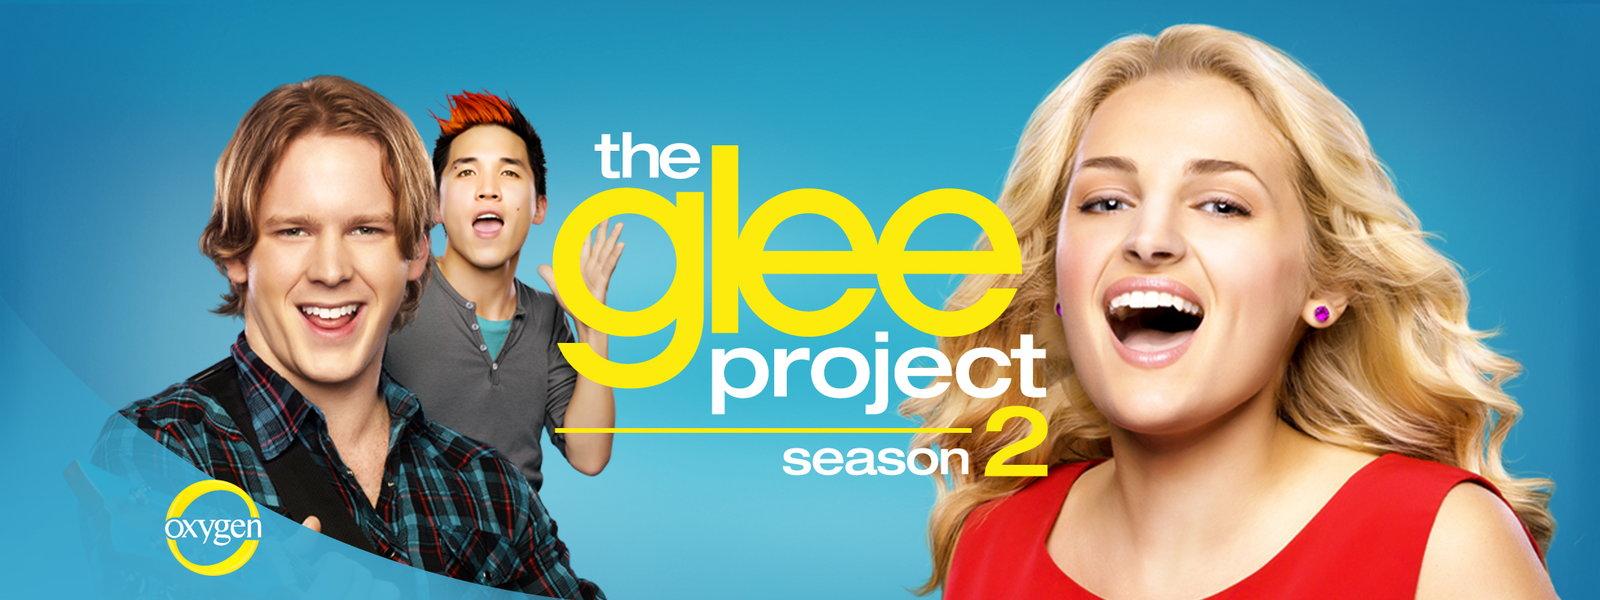 The Glee Project Hulu